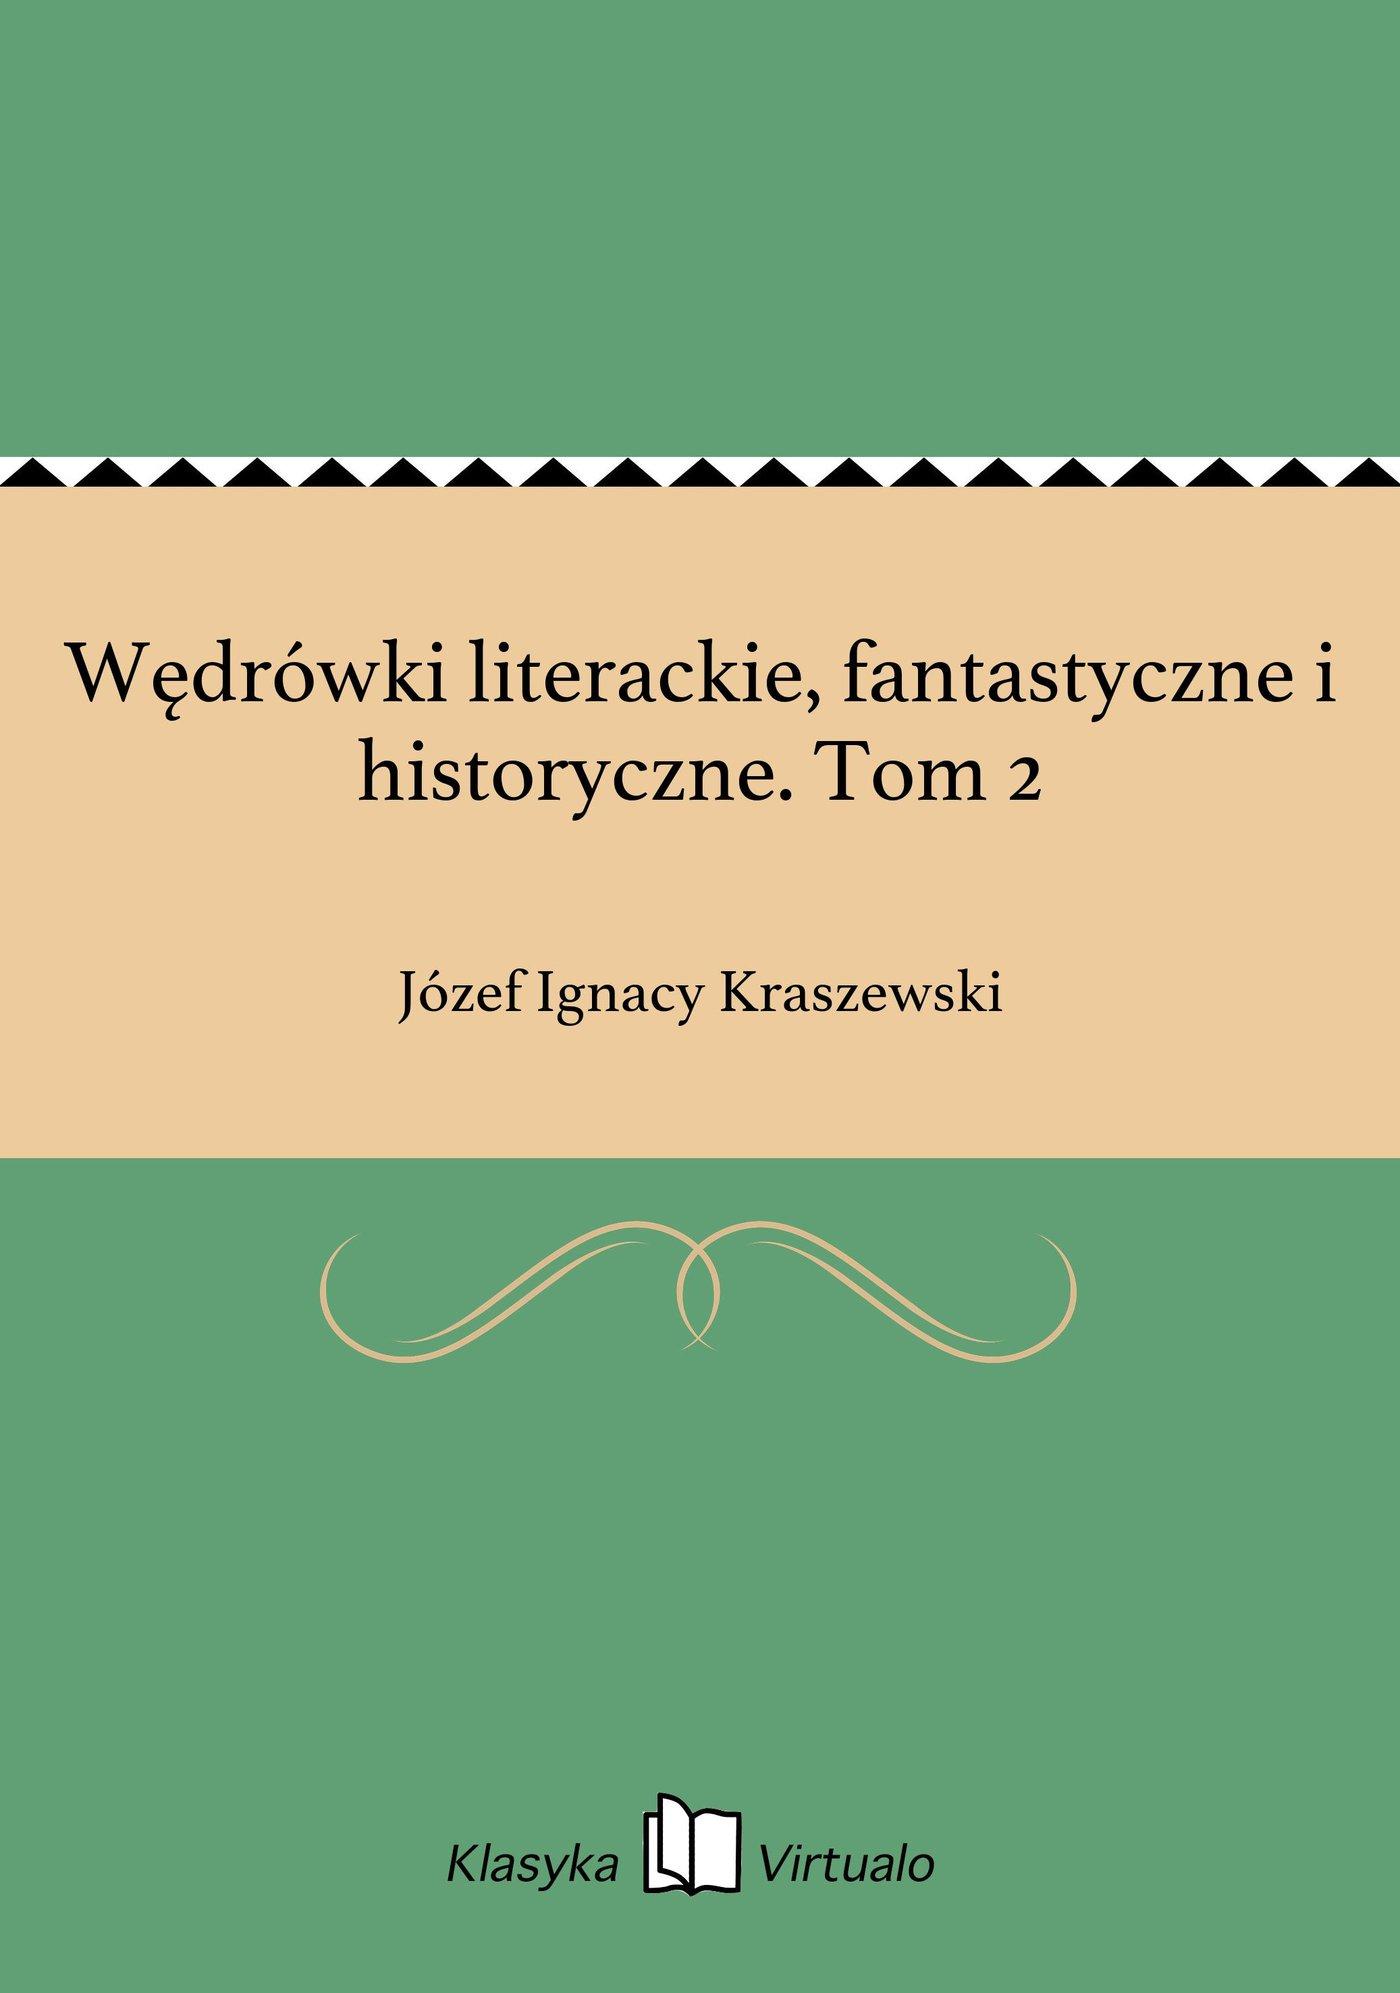 Wędrówki literackie, fantastyczne i historyczne. Tom 2 - Ebook (Książka na Kindle) do pobrania w formacie MOBI